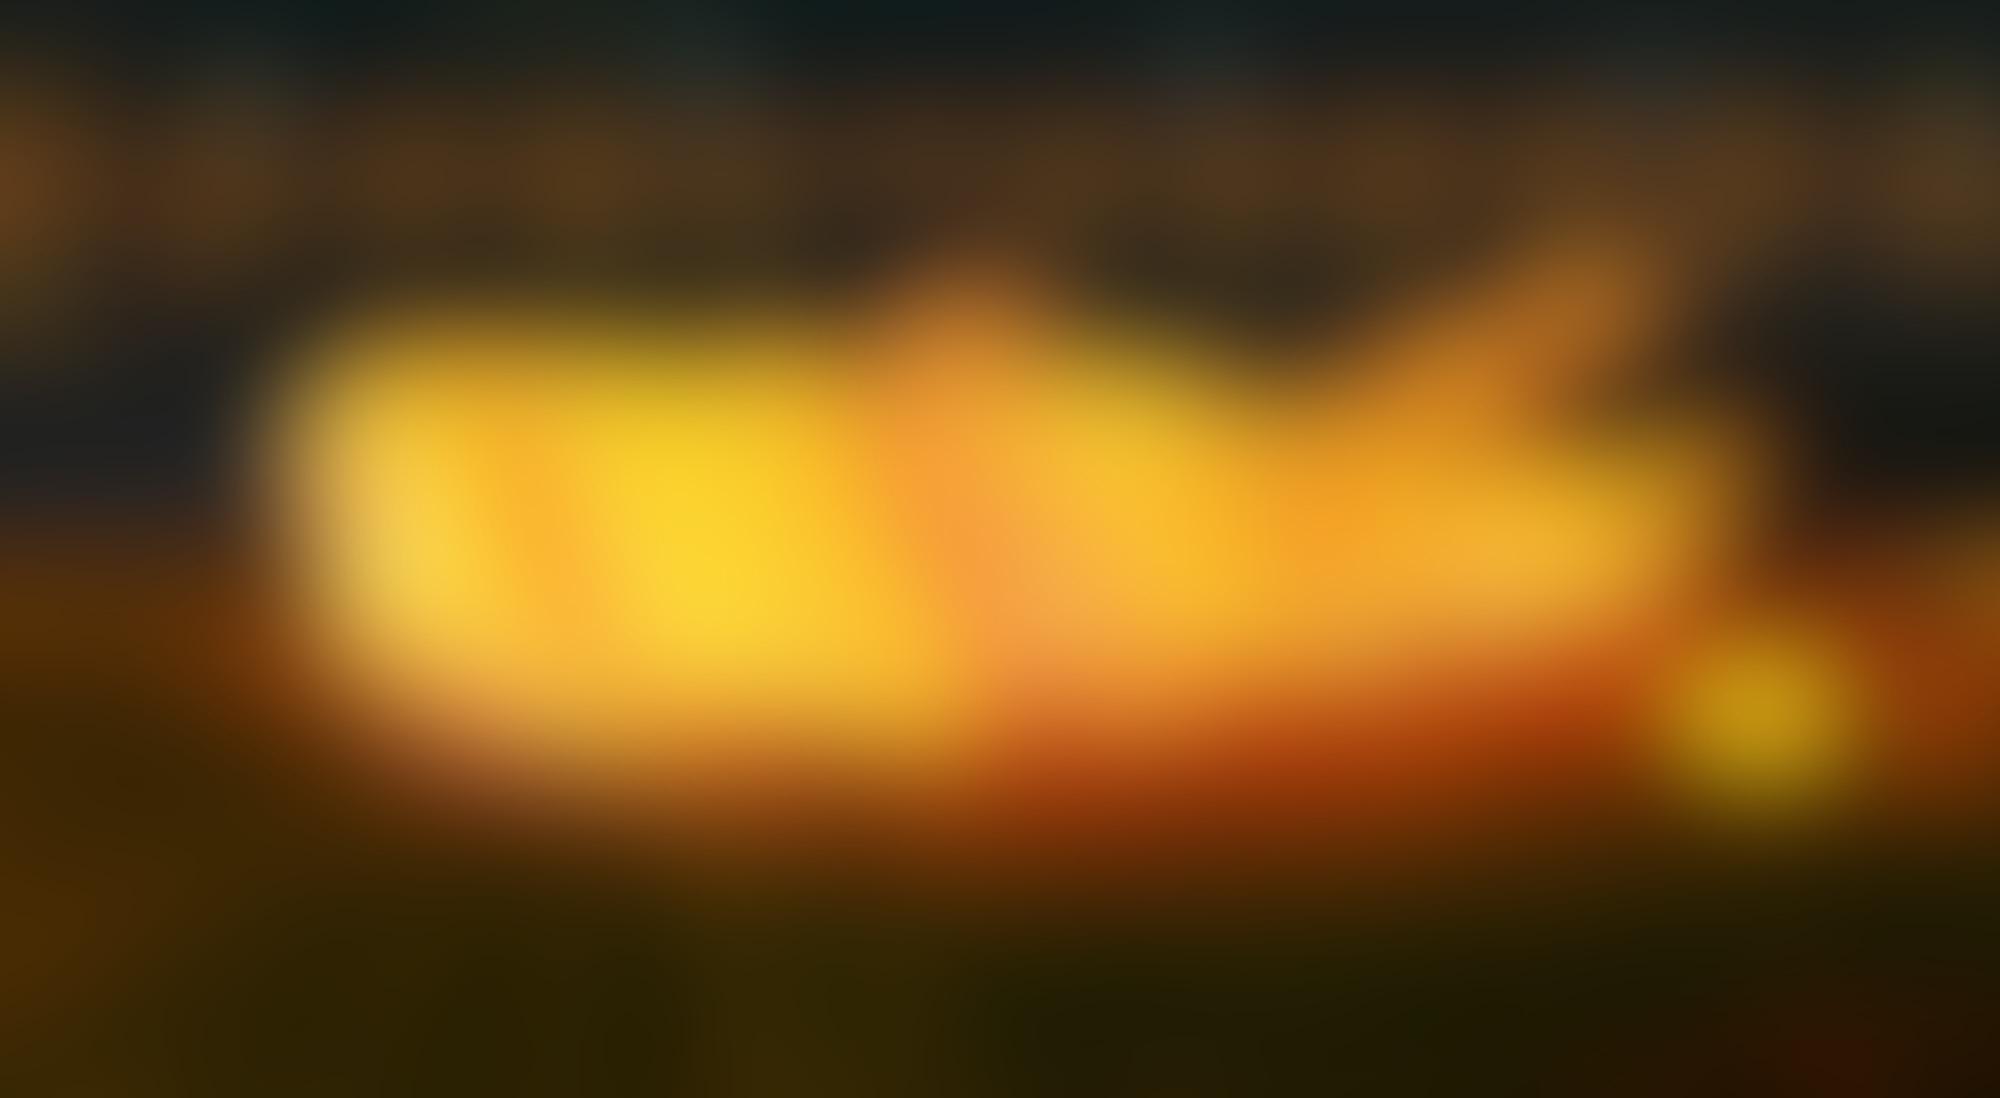 DE01 GITS HOLO FERRY CLOSEUP 00000 autocompressfitresizeixlibphp 1 1 0max h2000max w3 D2000q80s90d5a80059de008f239451d7267b6b34